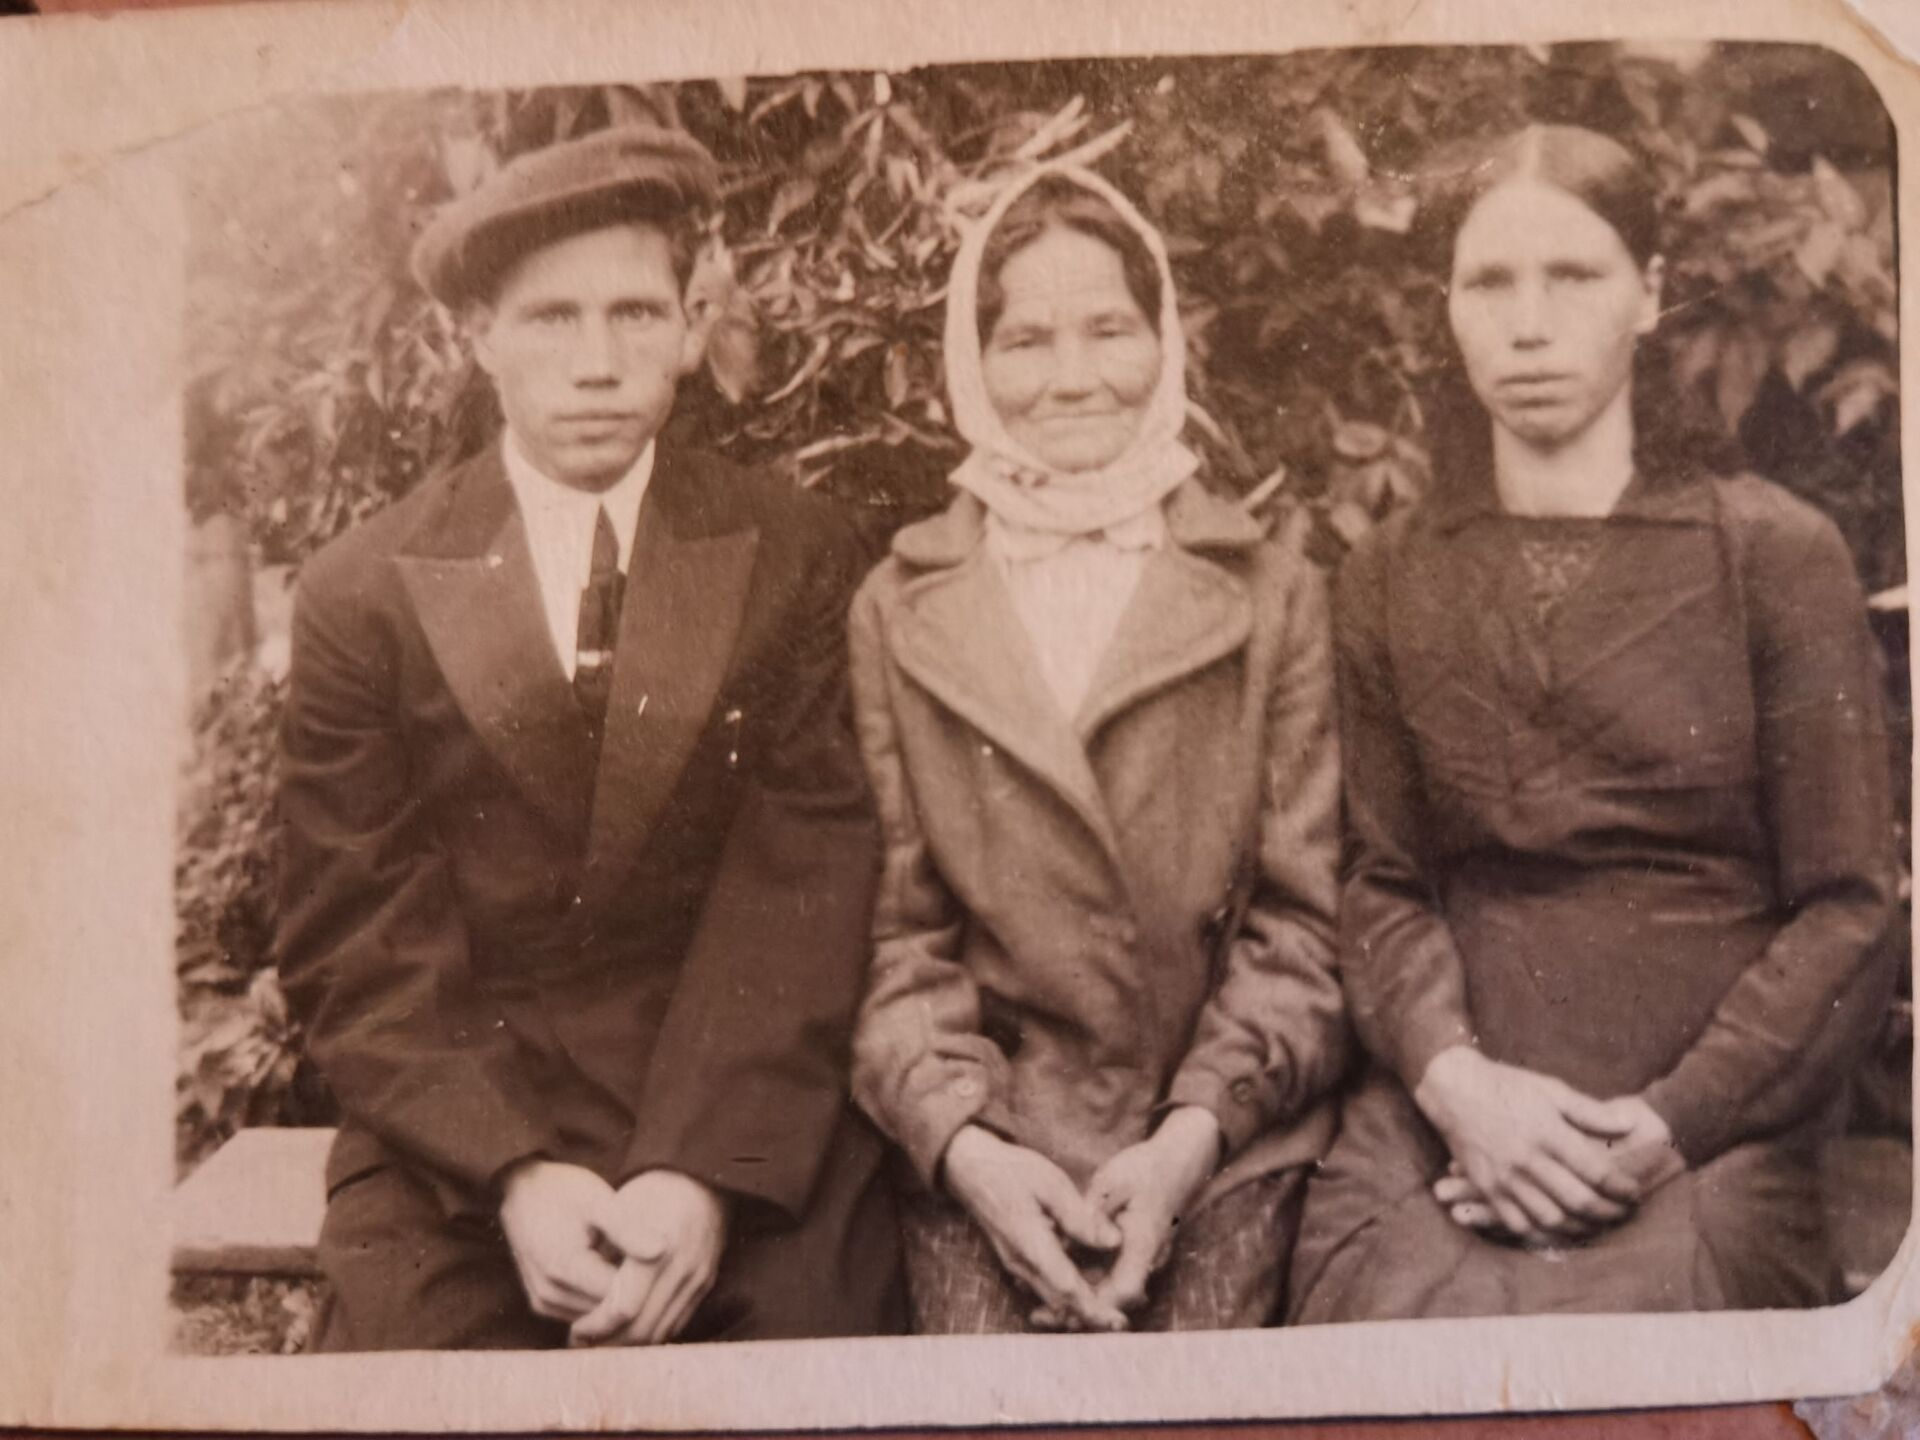 После возвращения домой Федор Минович узнал, что в живых остались лишь мать и сестра - Sputnik Беларусь, 1920, 29.06.2021